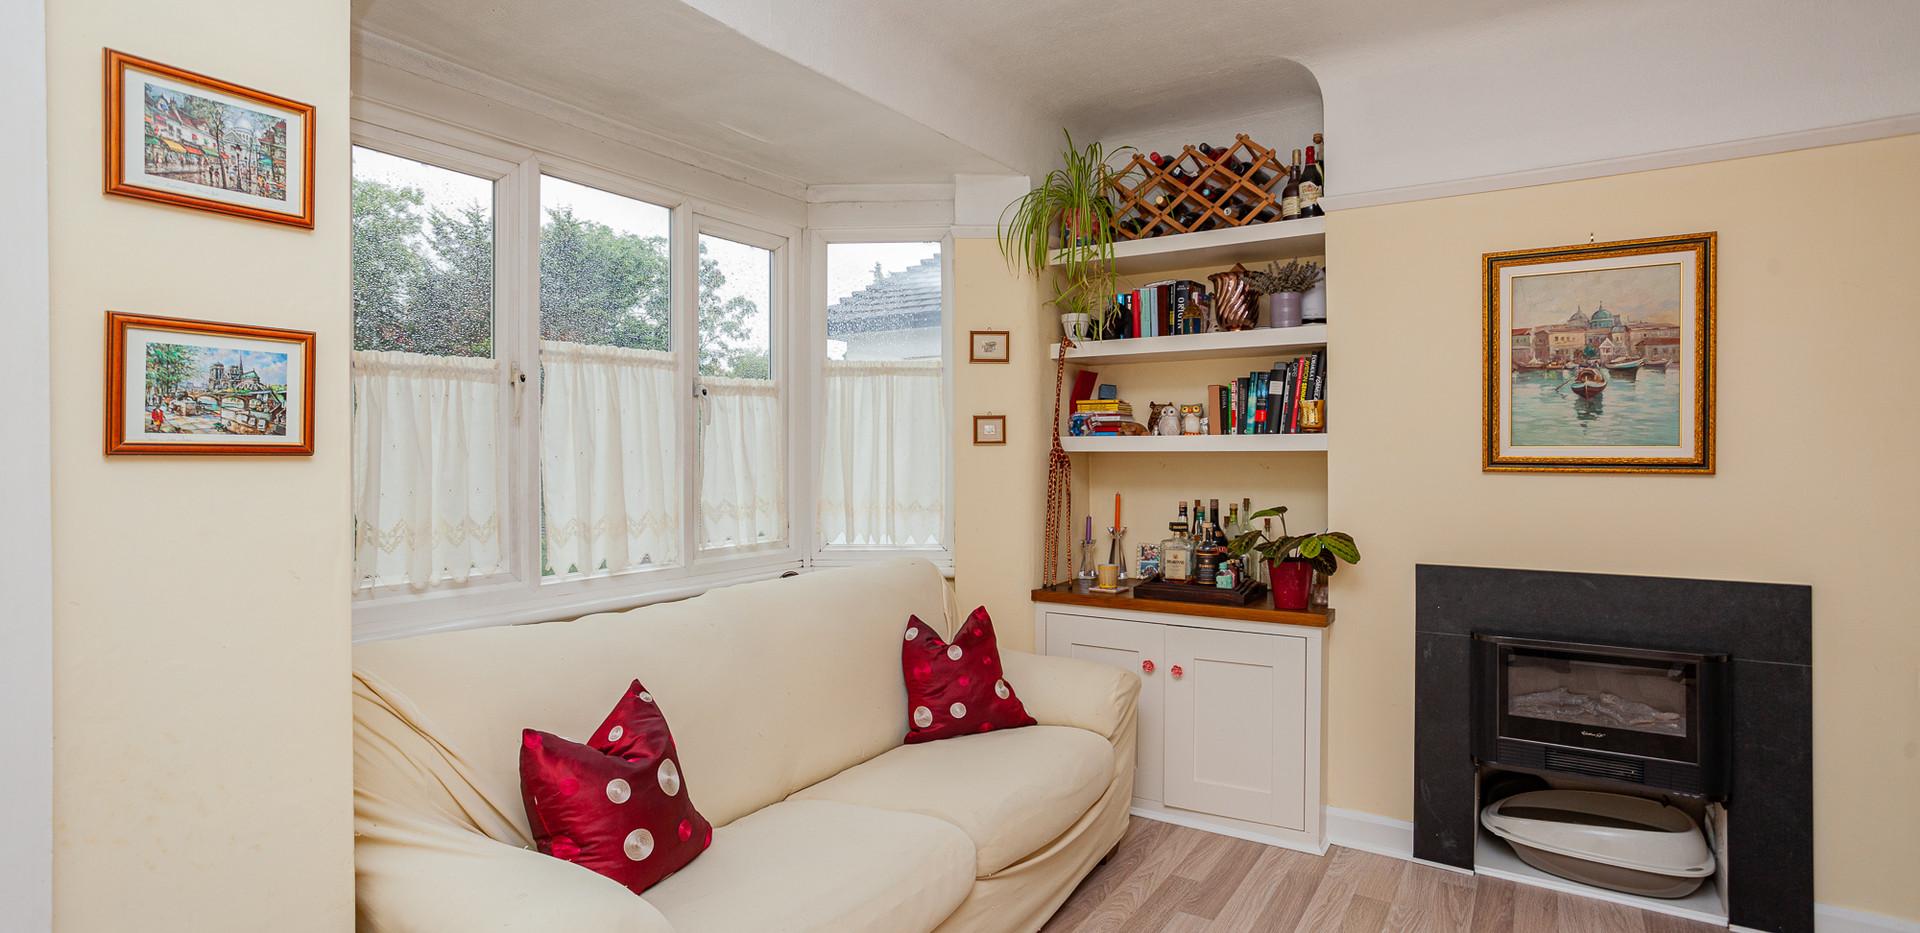 Aboyne-Drive-London-maisonette-IMG_9448.